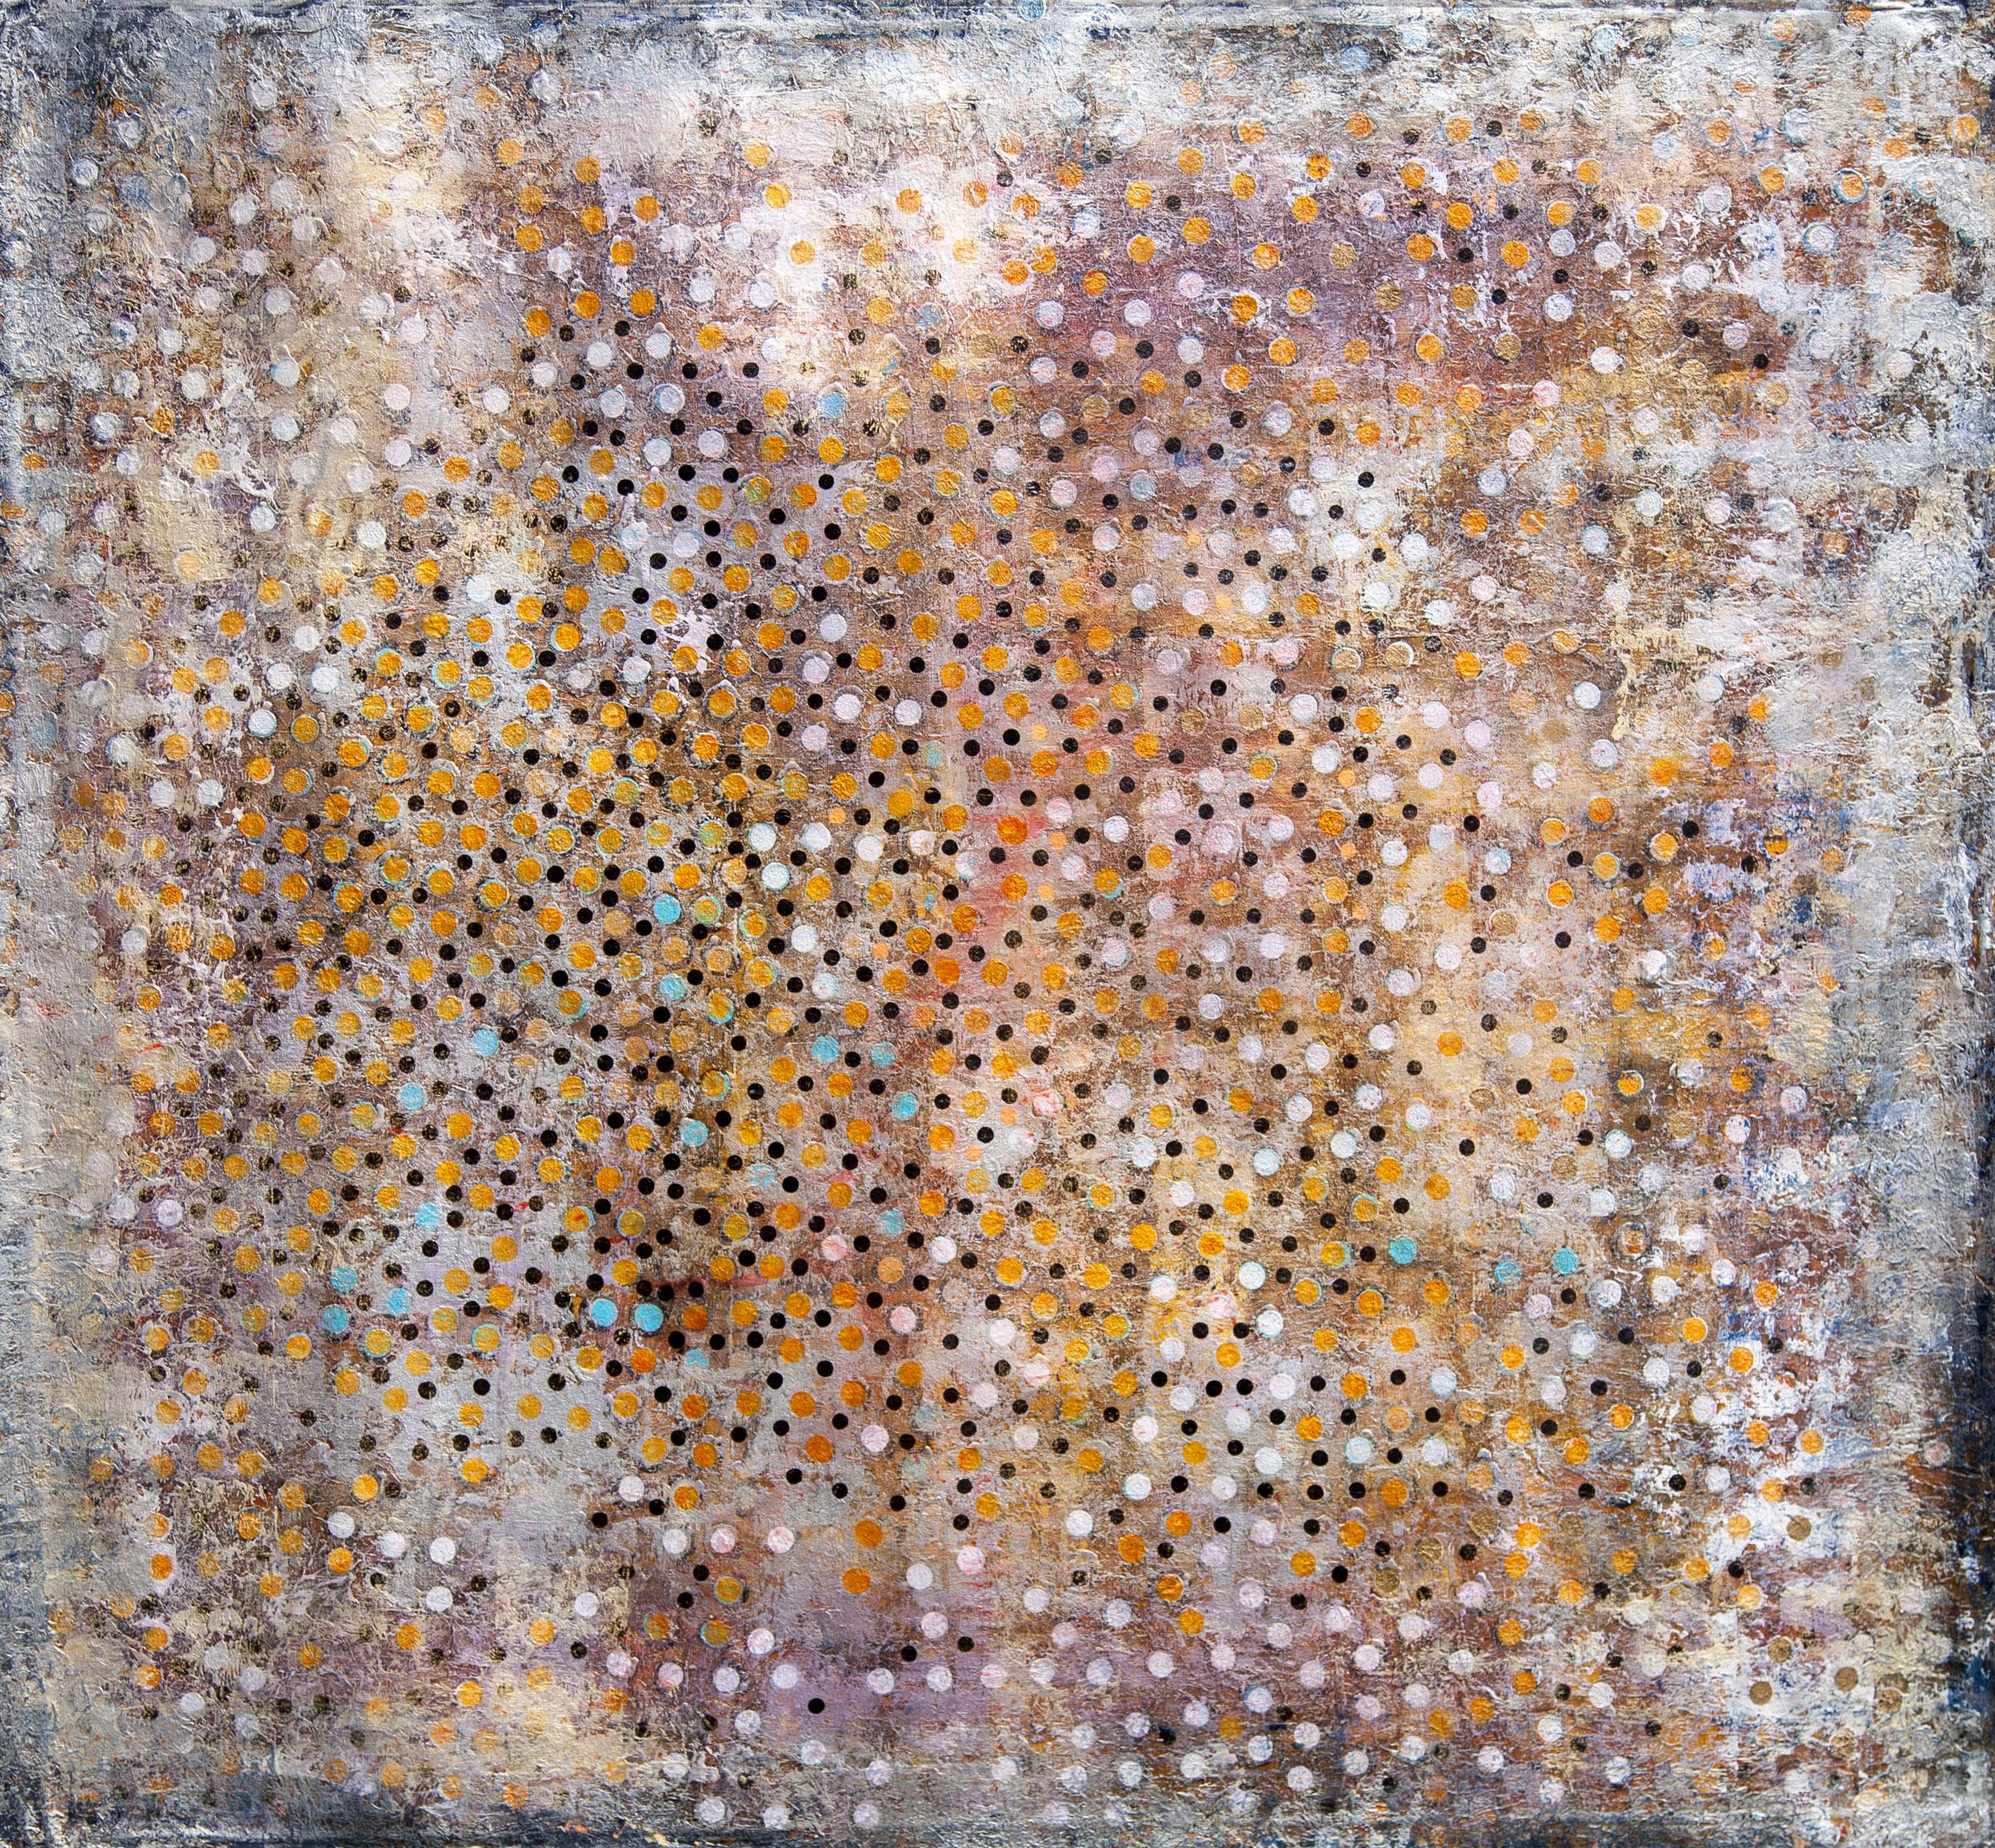 Lisa Macchiaroli - Hive 50x50